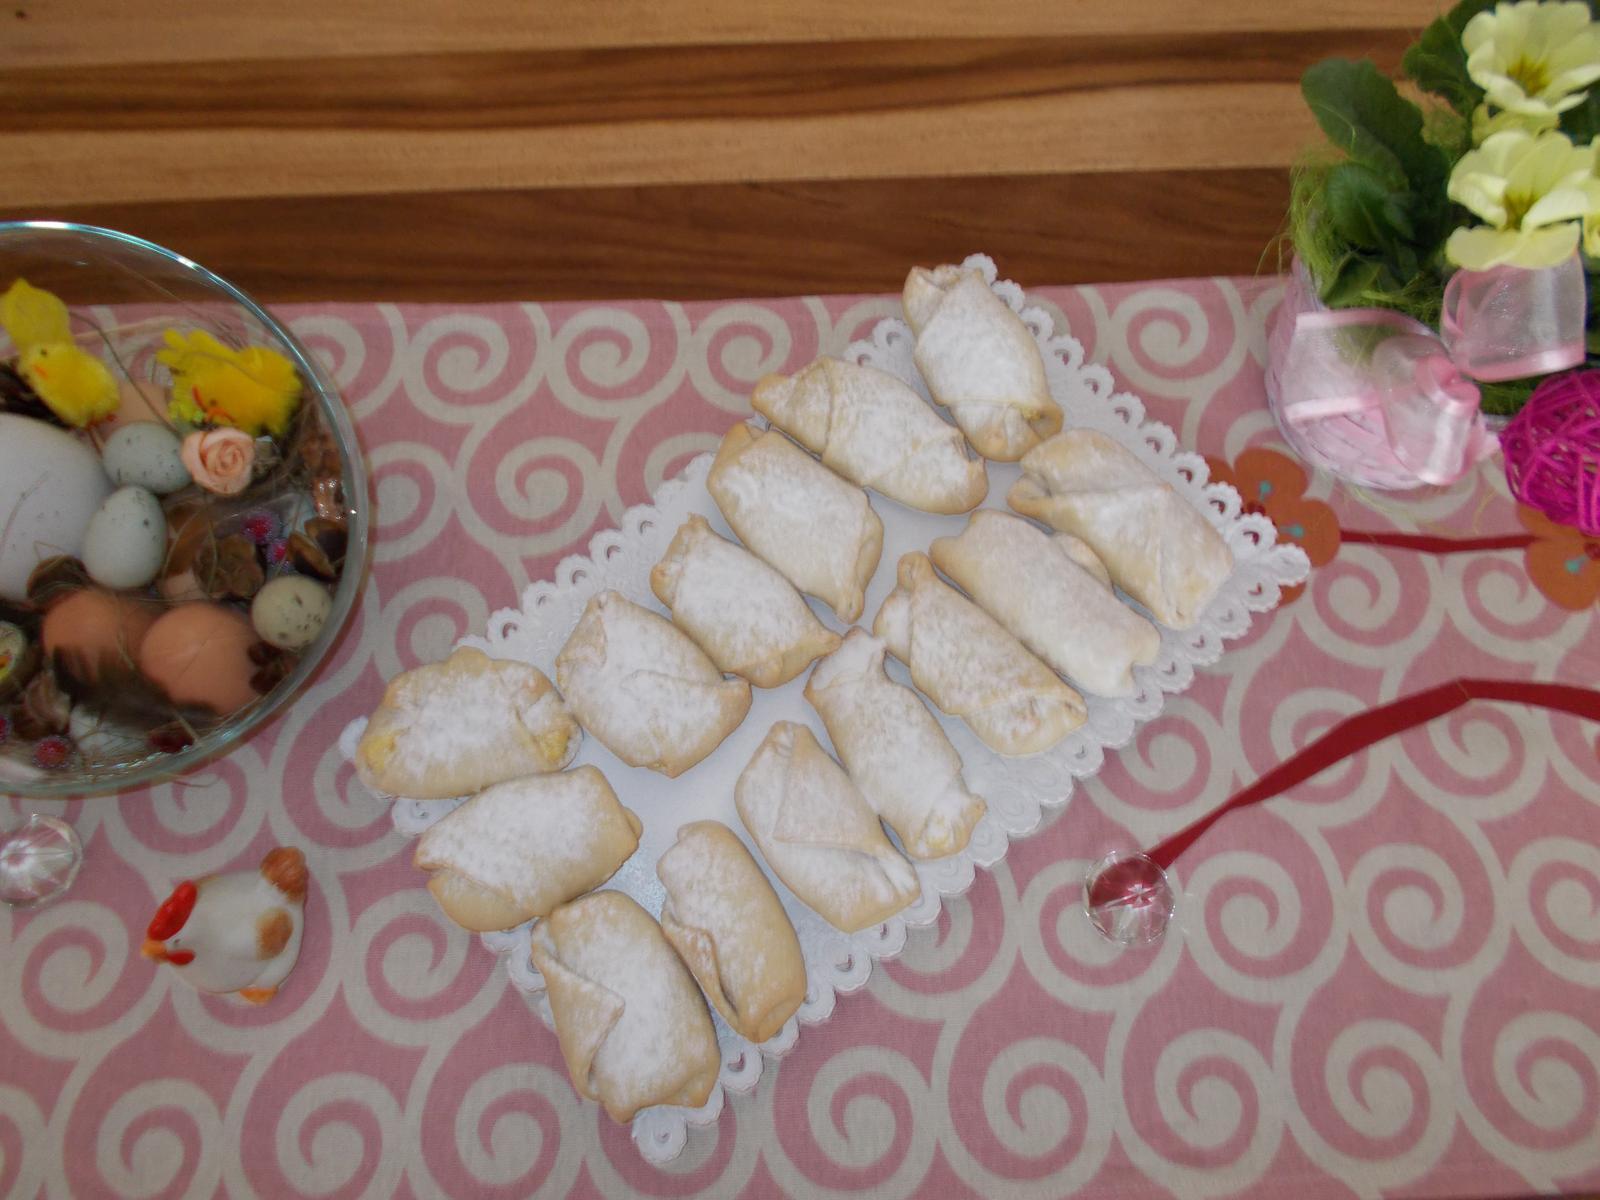 Pečení,vaření,grilování.....je libo něco dobrého do bříška ................ - Pokus o rohlíčky plněné tvarohem